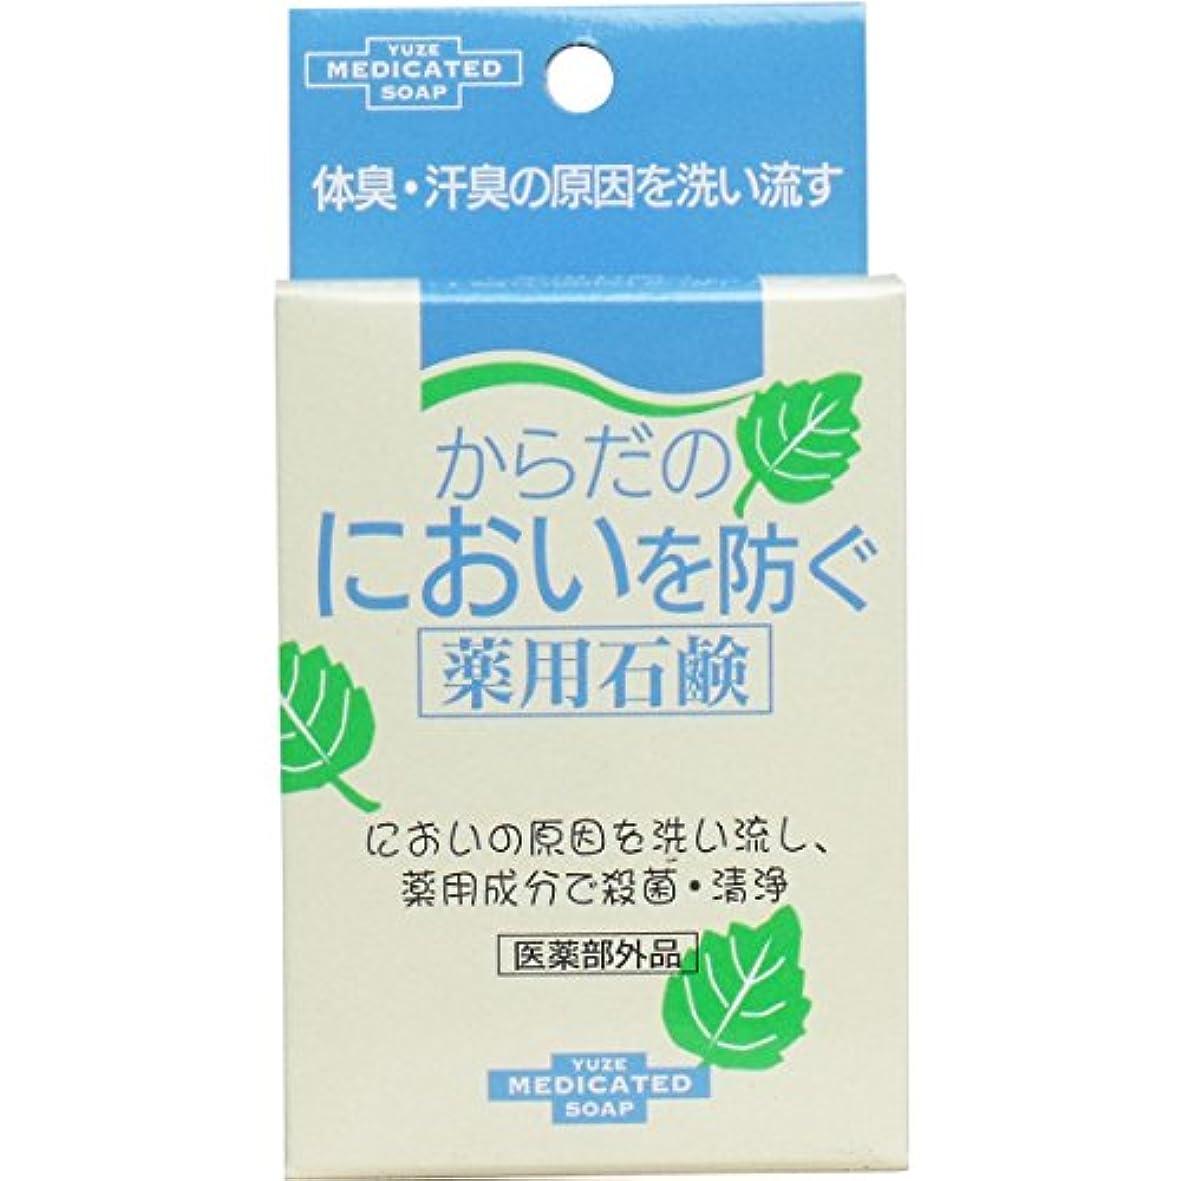 舞い上がるシリンダー幻滅【お徳用 3 セット】 ユゼ からだのにおいを防ぐ薬用石鹸 110g×3セット